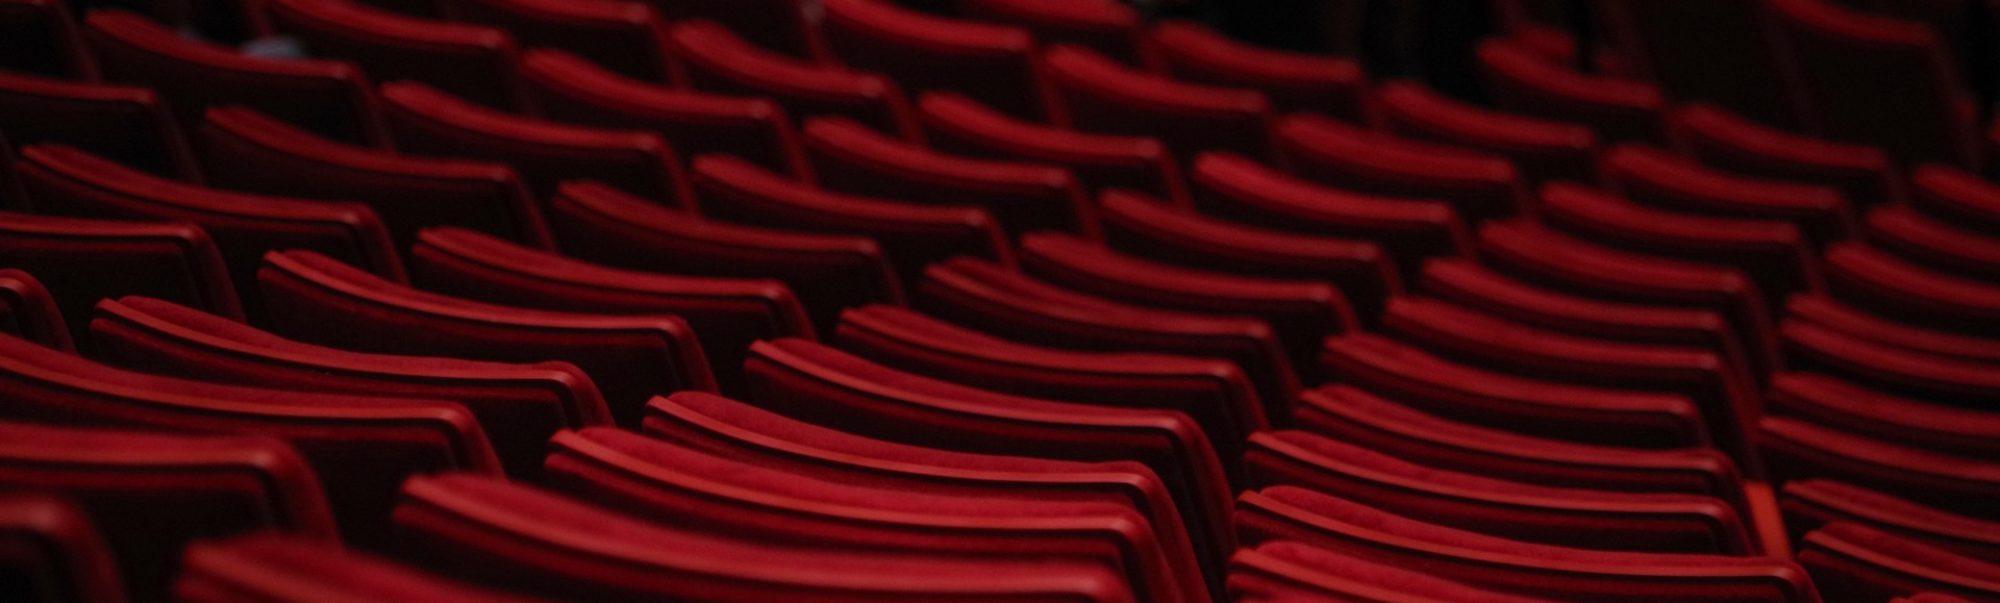 Theatergruppe Dellerlecker e.V.